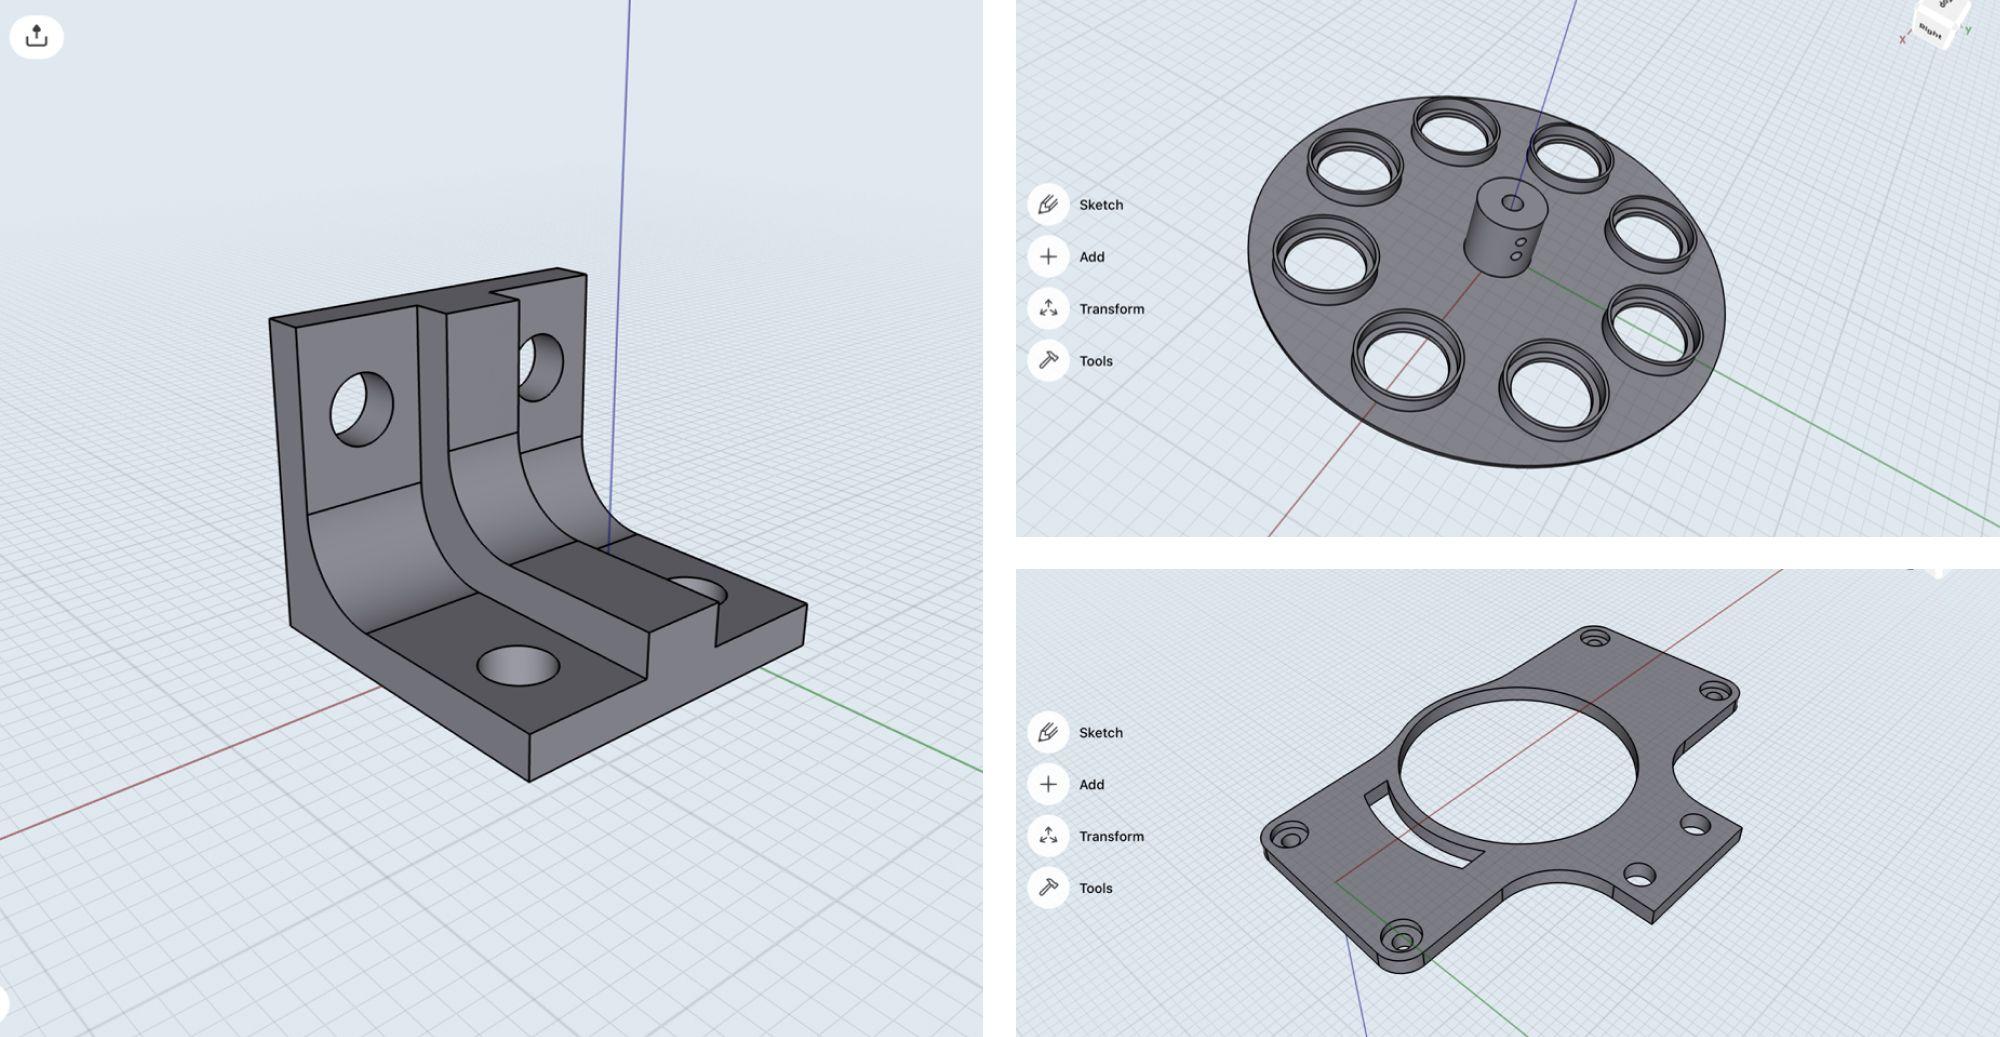 Assemtica Robotics jigs modeled in Shapr3D